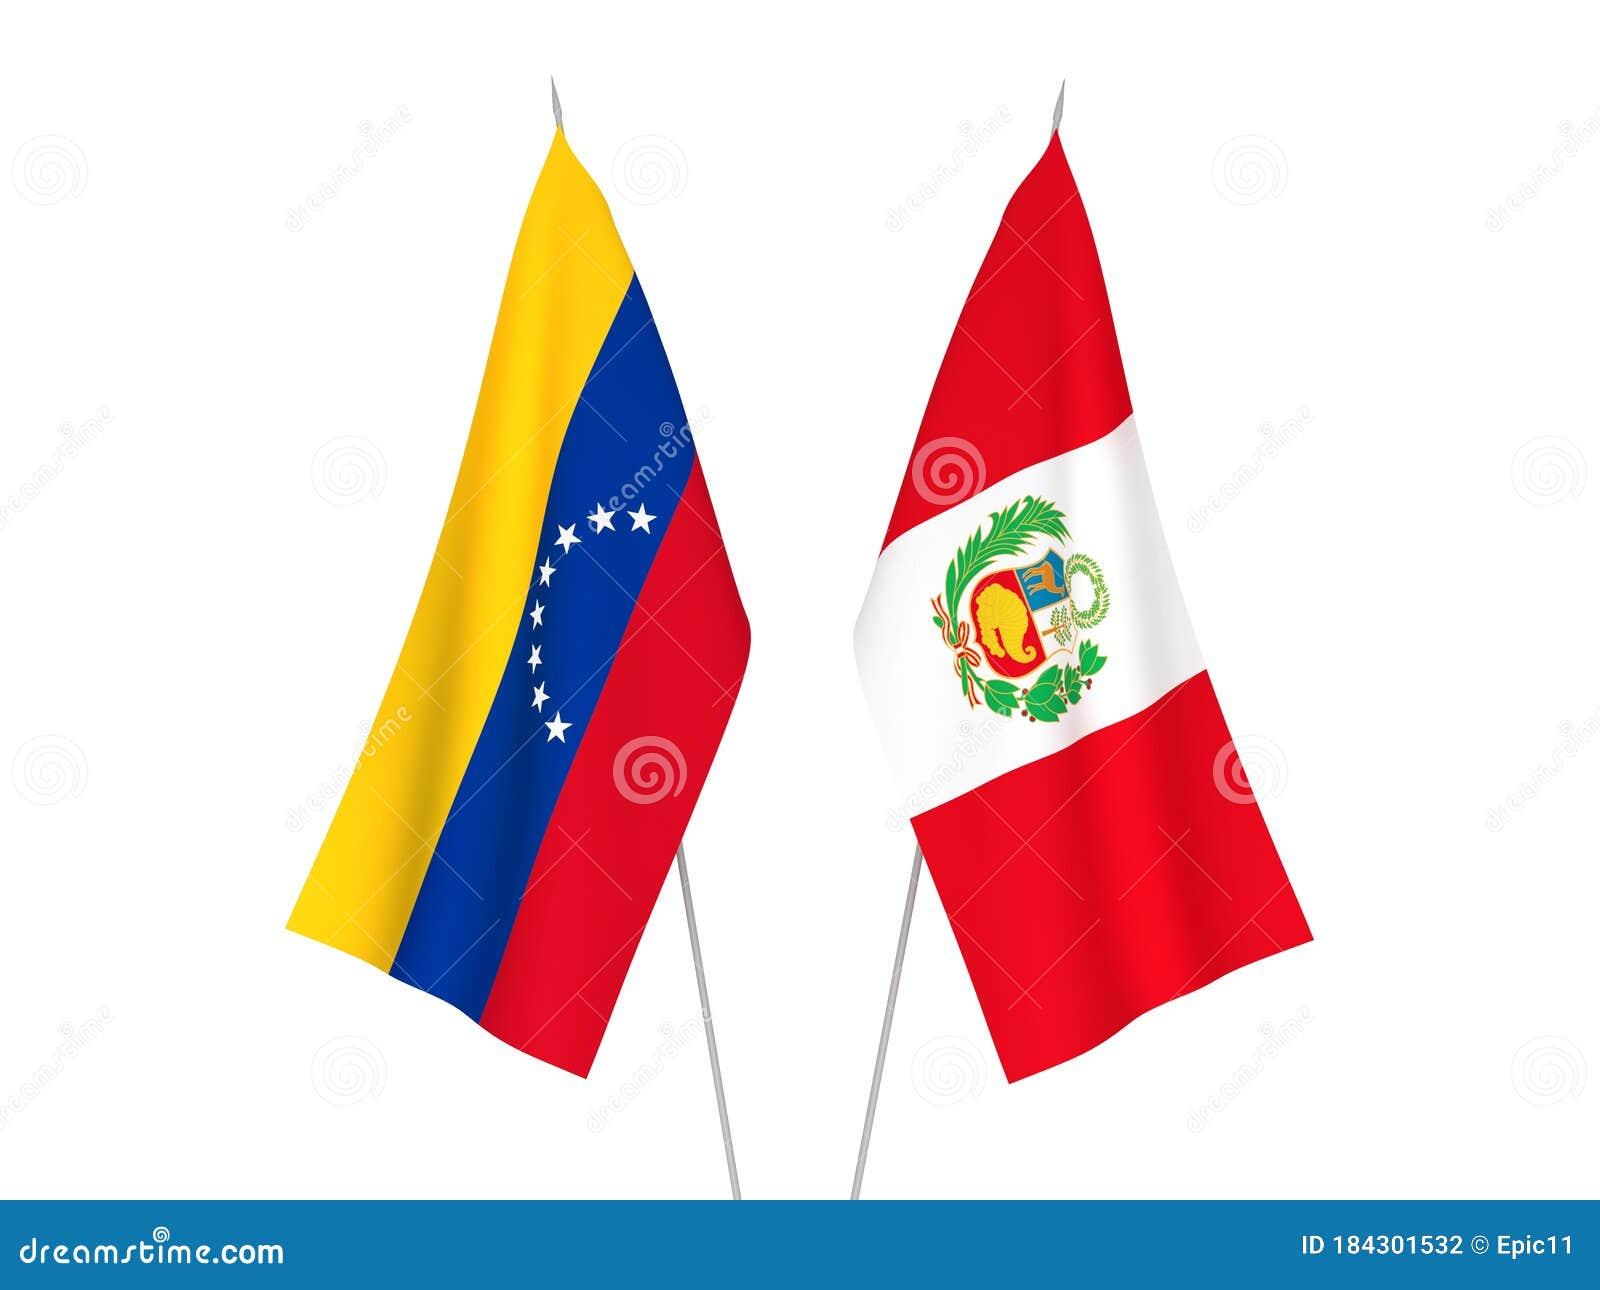 Banderas De Perú Y Venezuela Stock de ilustración - Ilustración de seda,  naturalice: 184301532